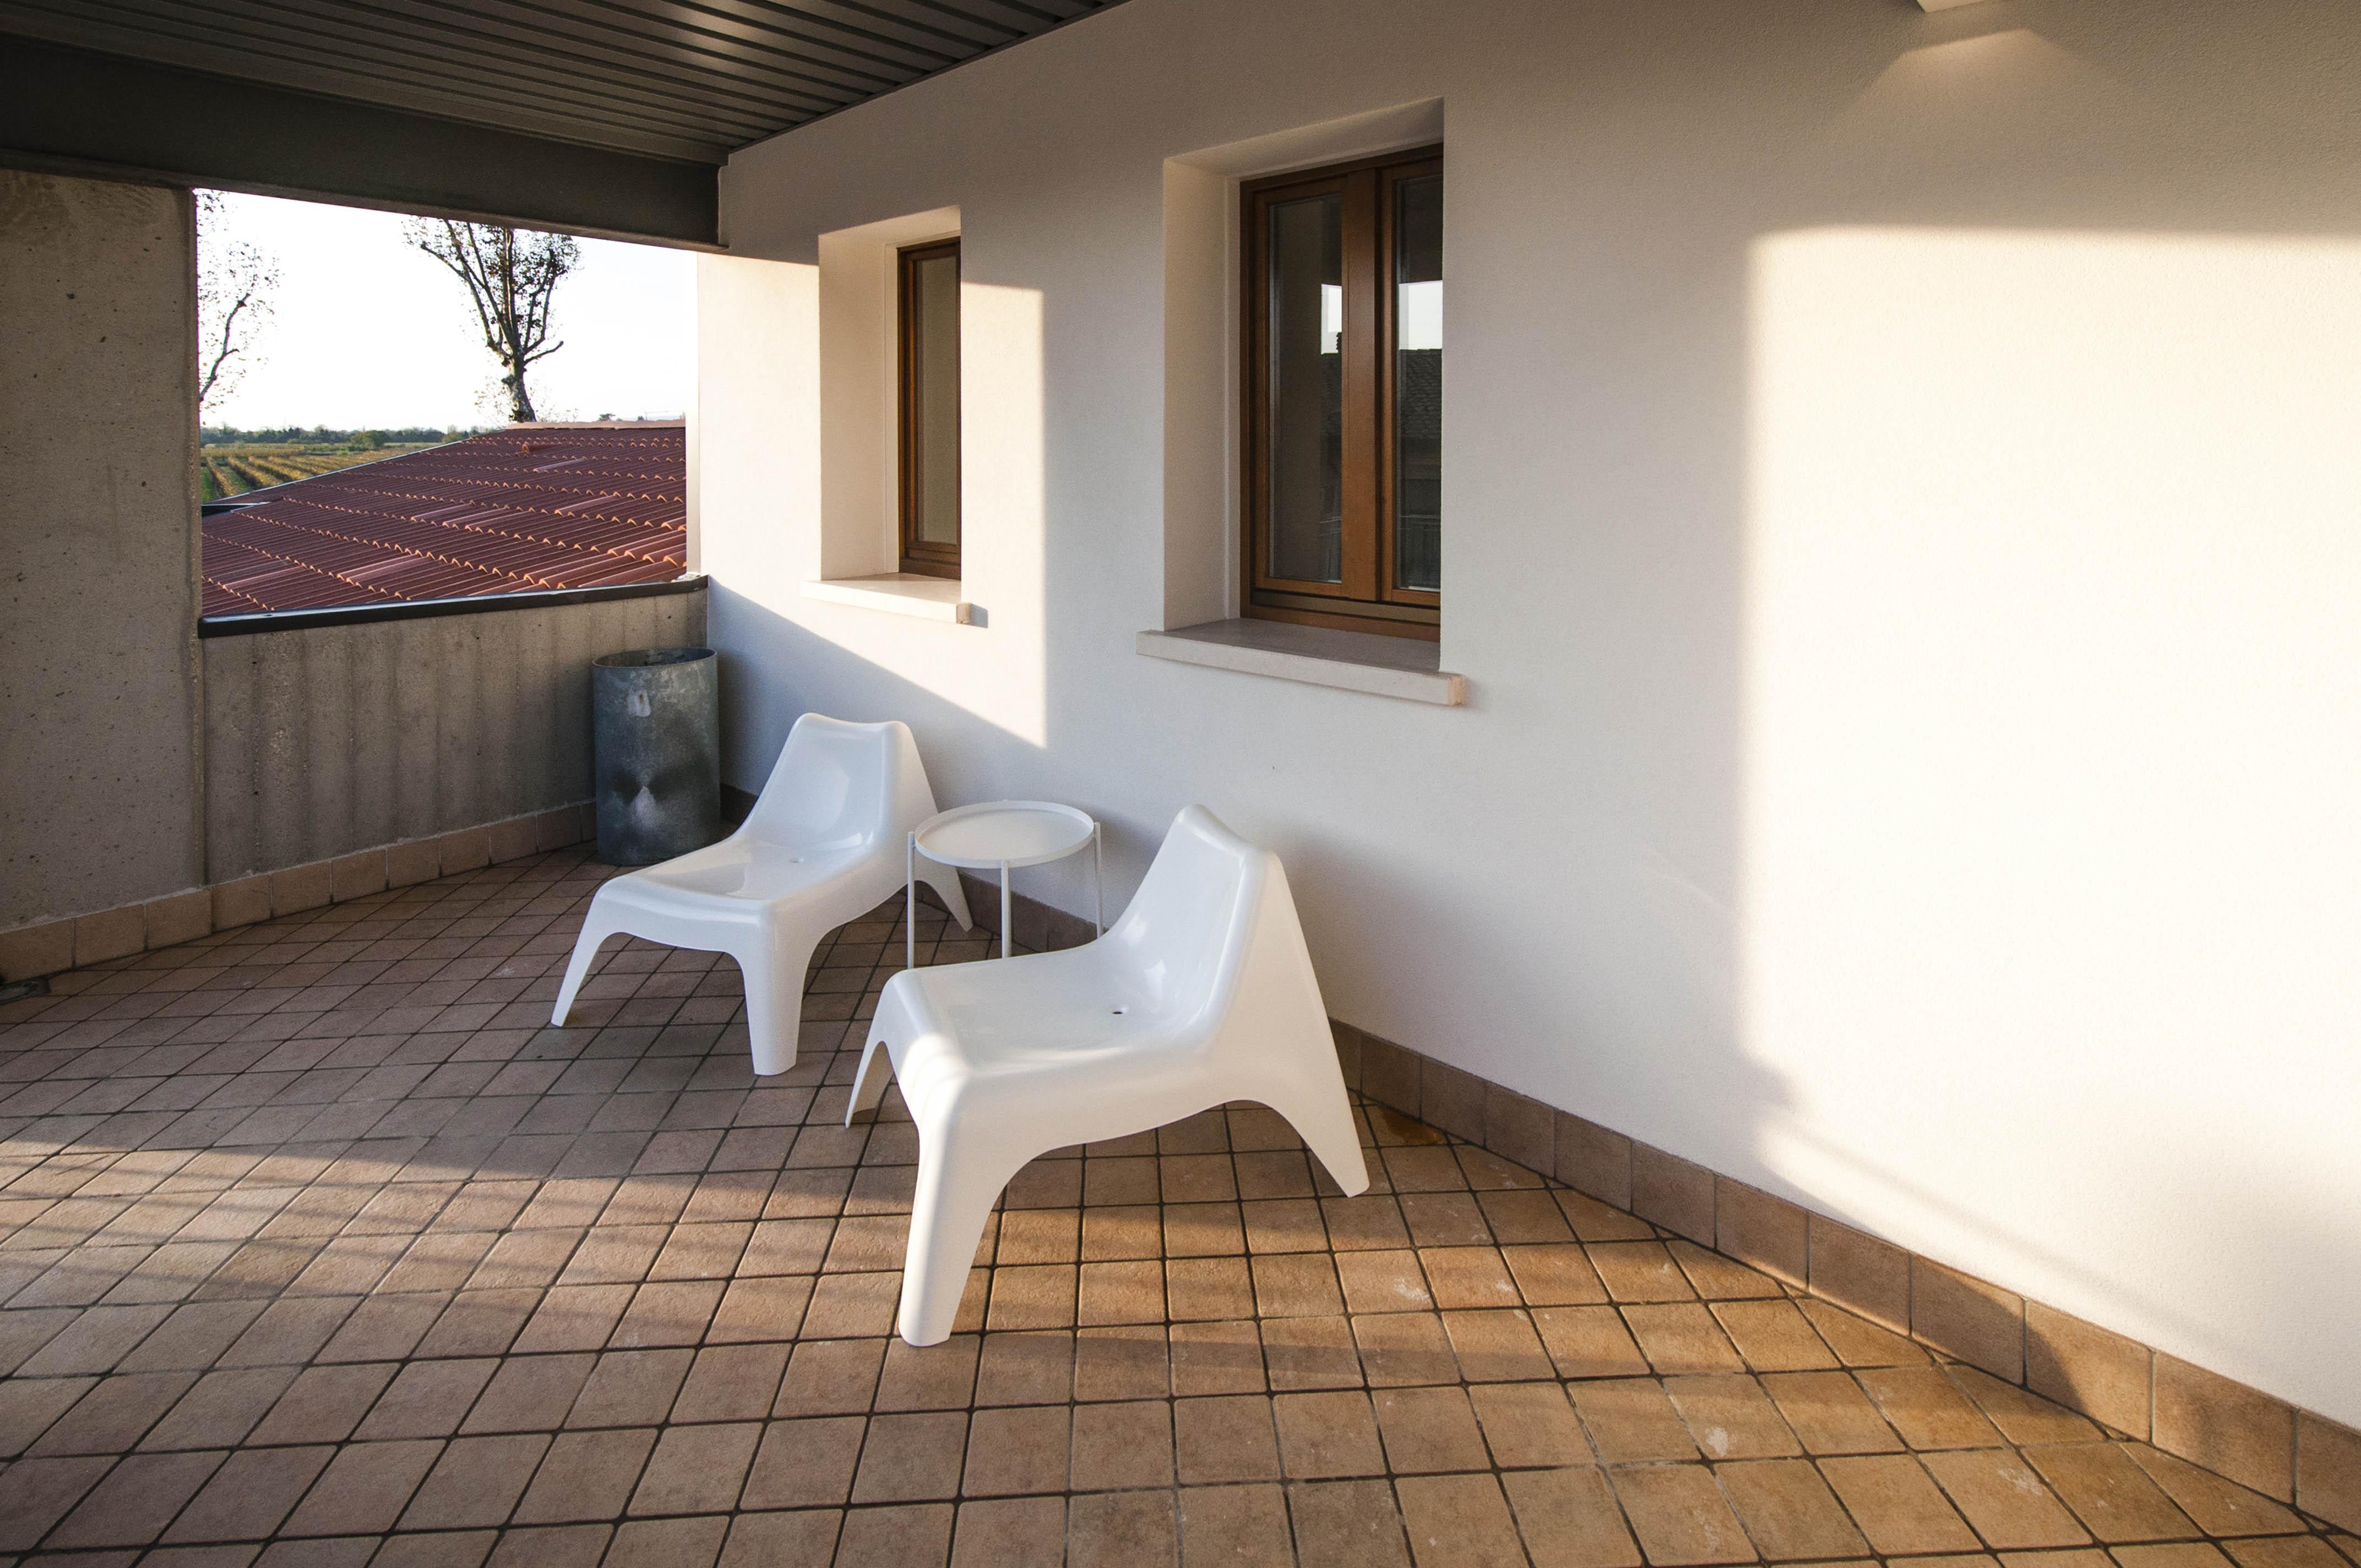 Camere-in-Affitto-Treviso-Villorba-Studio-Architettura-Zanatta-92